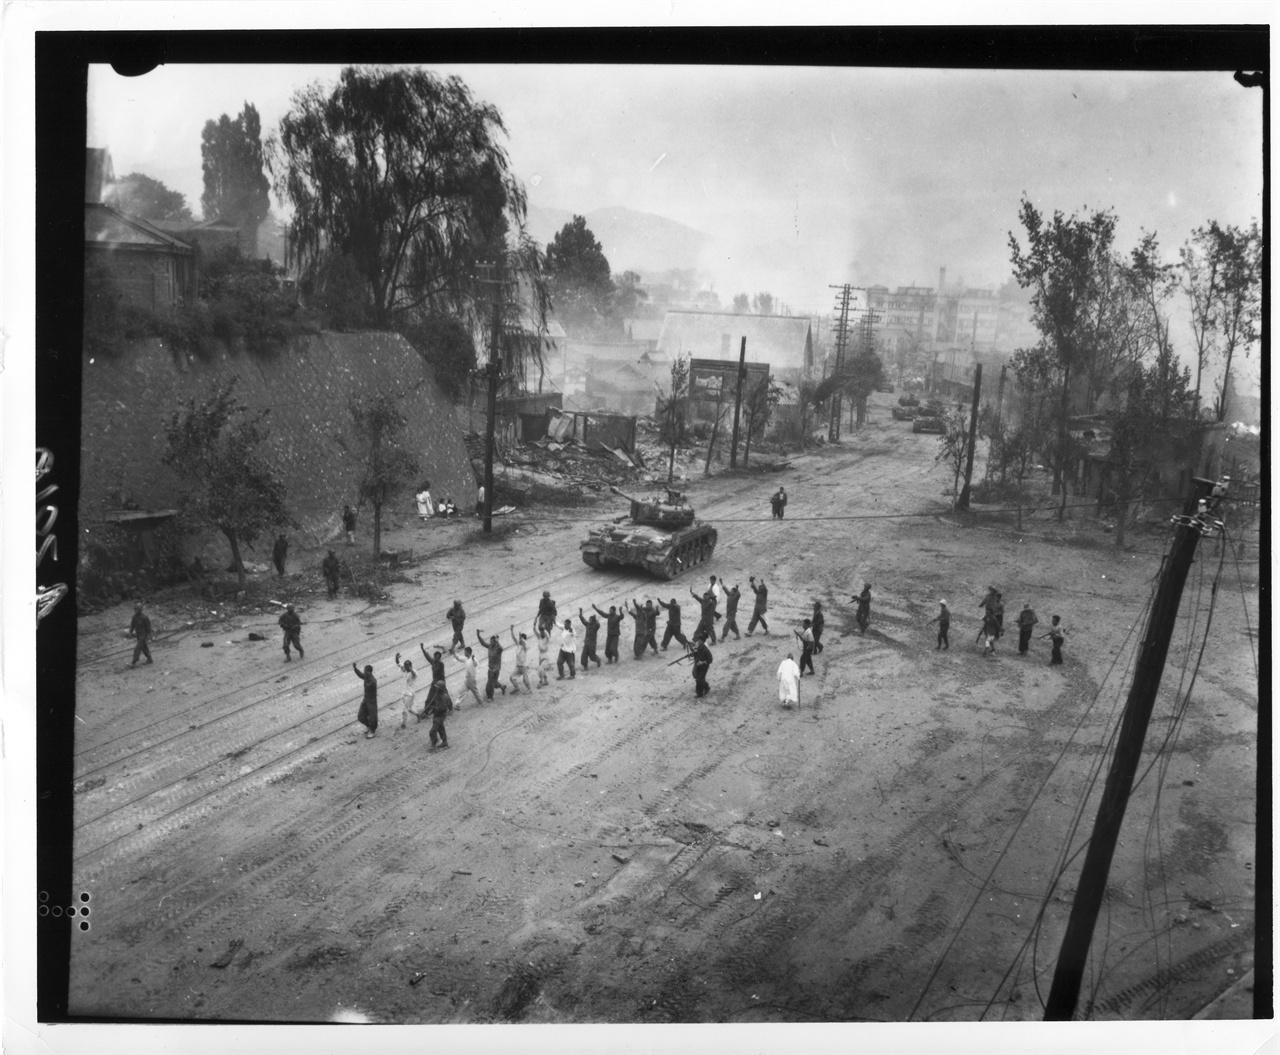 1950. 9. 26. 유엔군들이 서울 탈환 시가전을 하면서 인민군 및 부역자를 색출 연행하고 있다.